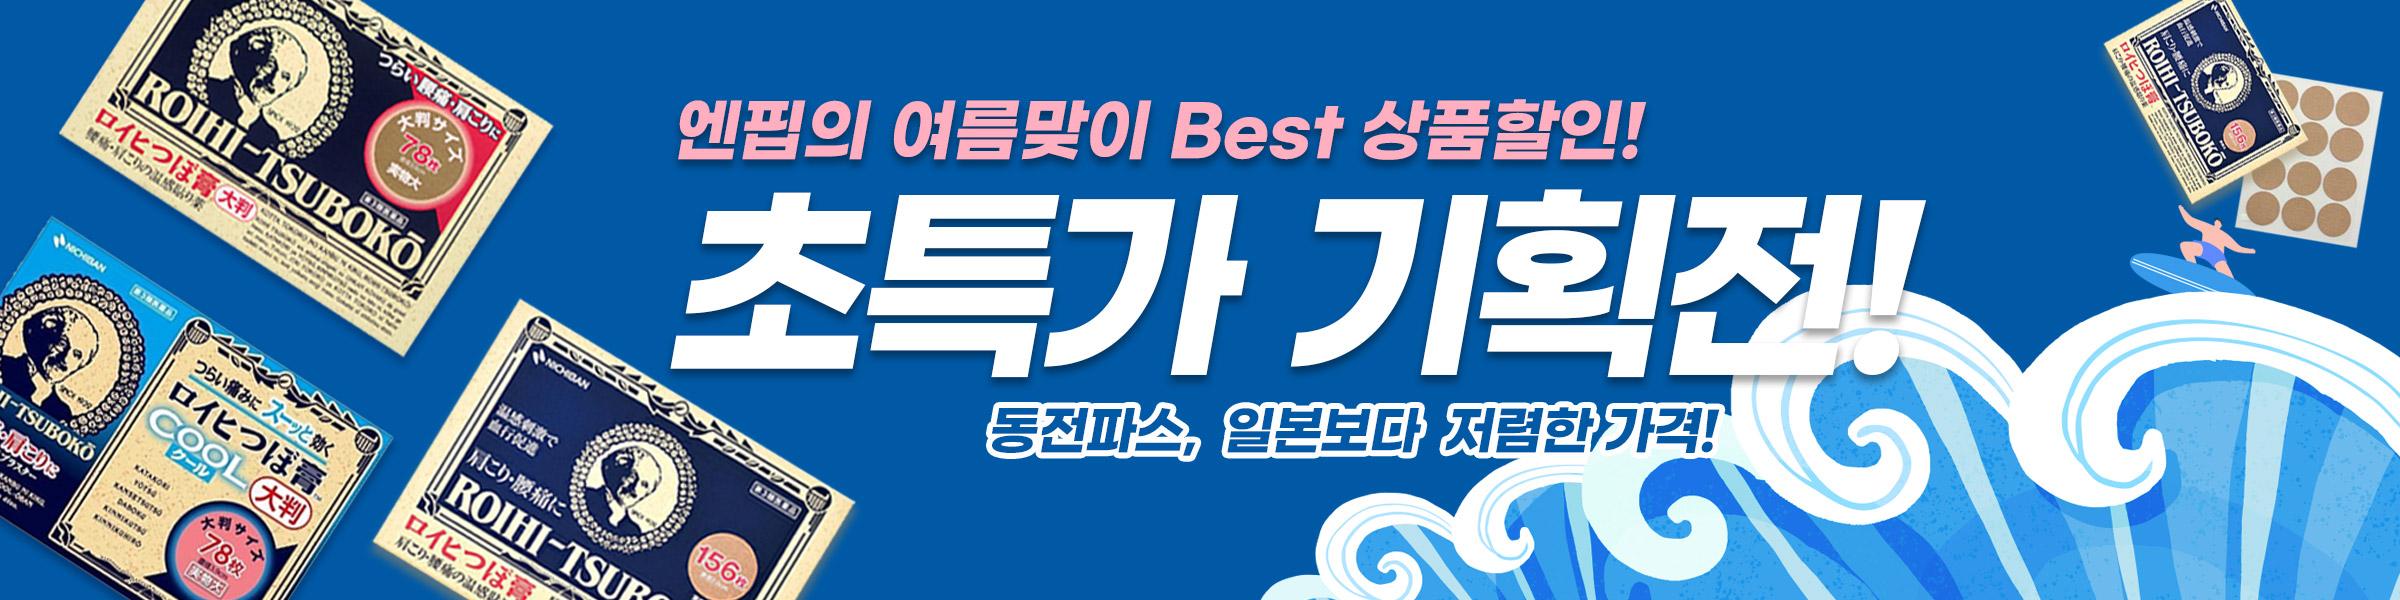 더운여름 엔핍의 동전파스 초특가 기획전!